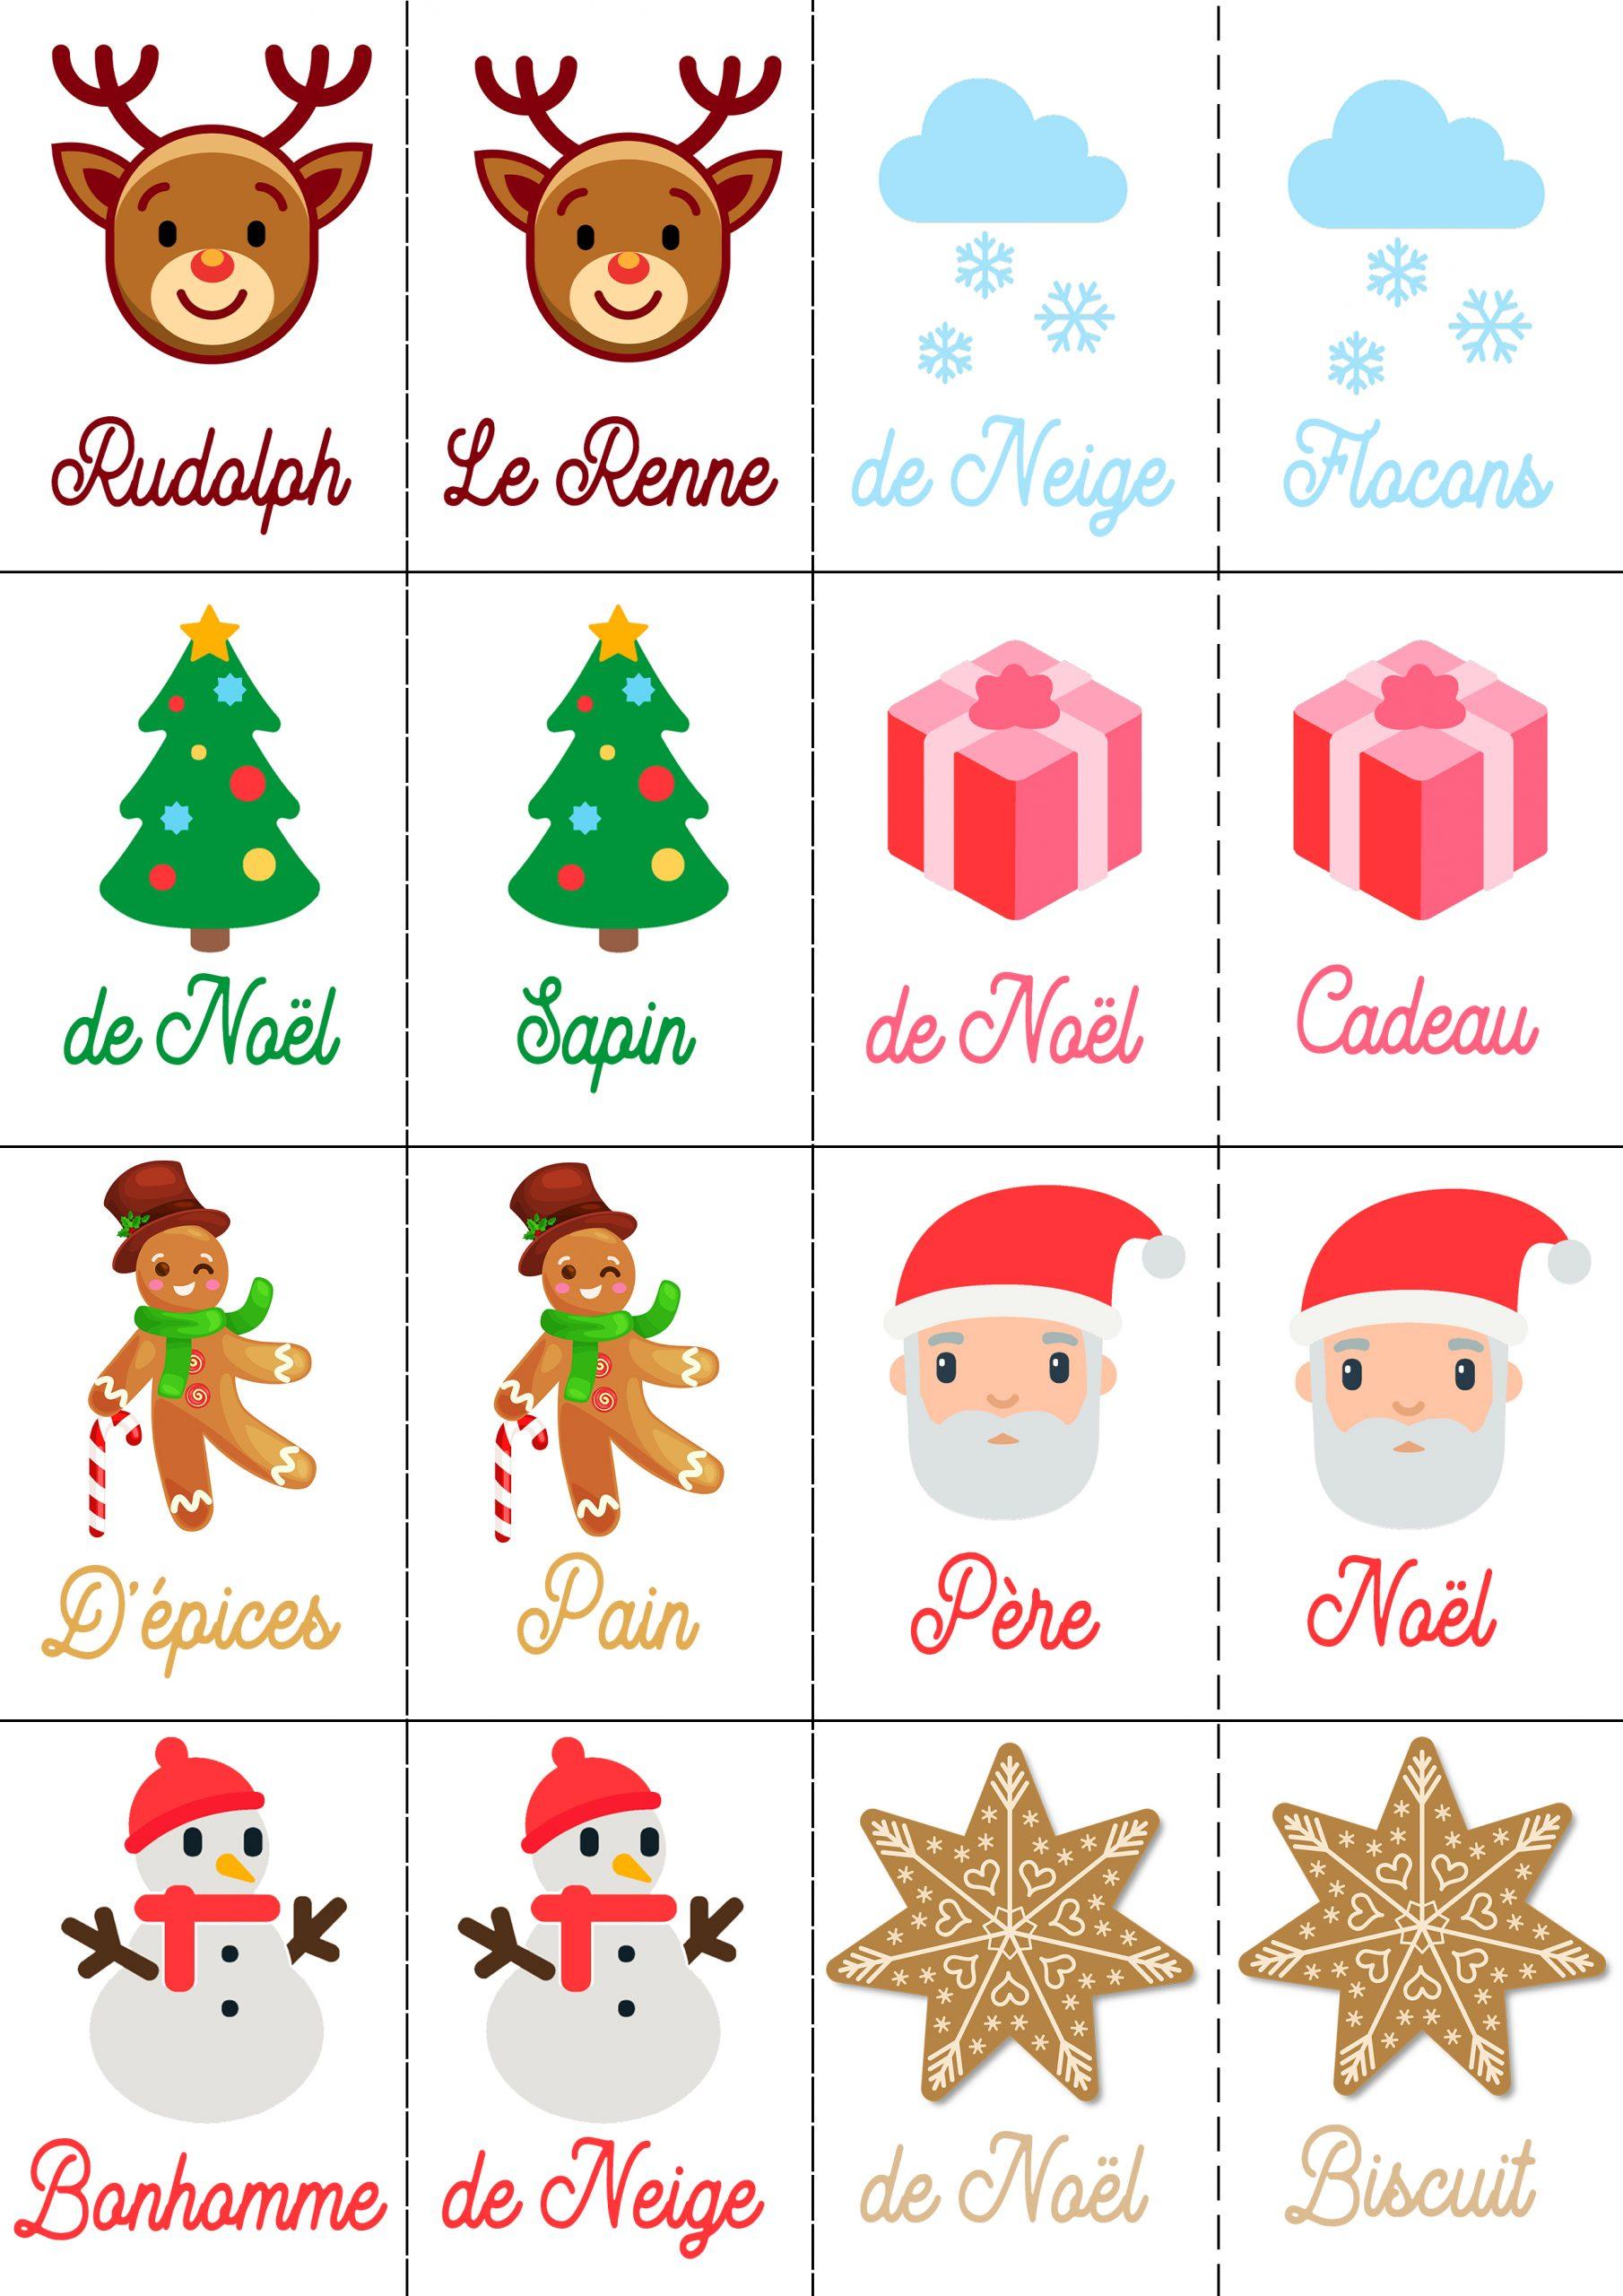 4 Jeux De Noël Pour Petits Et Grands À Imprimer Gratuitement intérieur Rebus A Imprimer Gratuitement